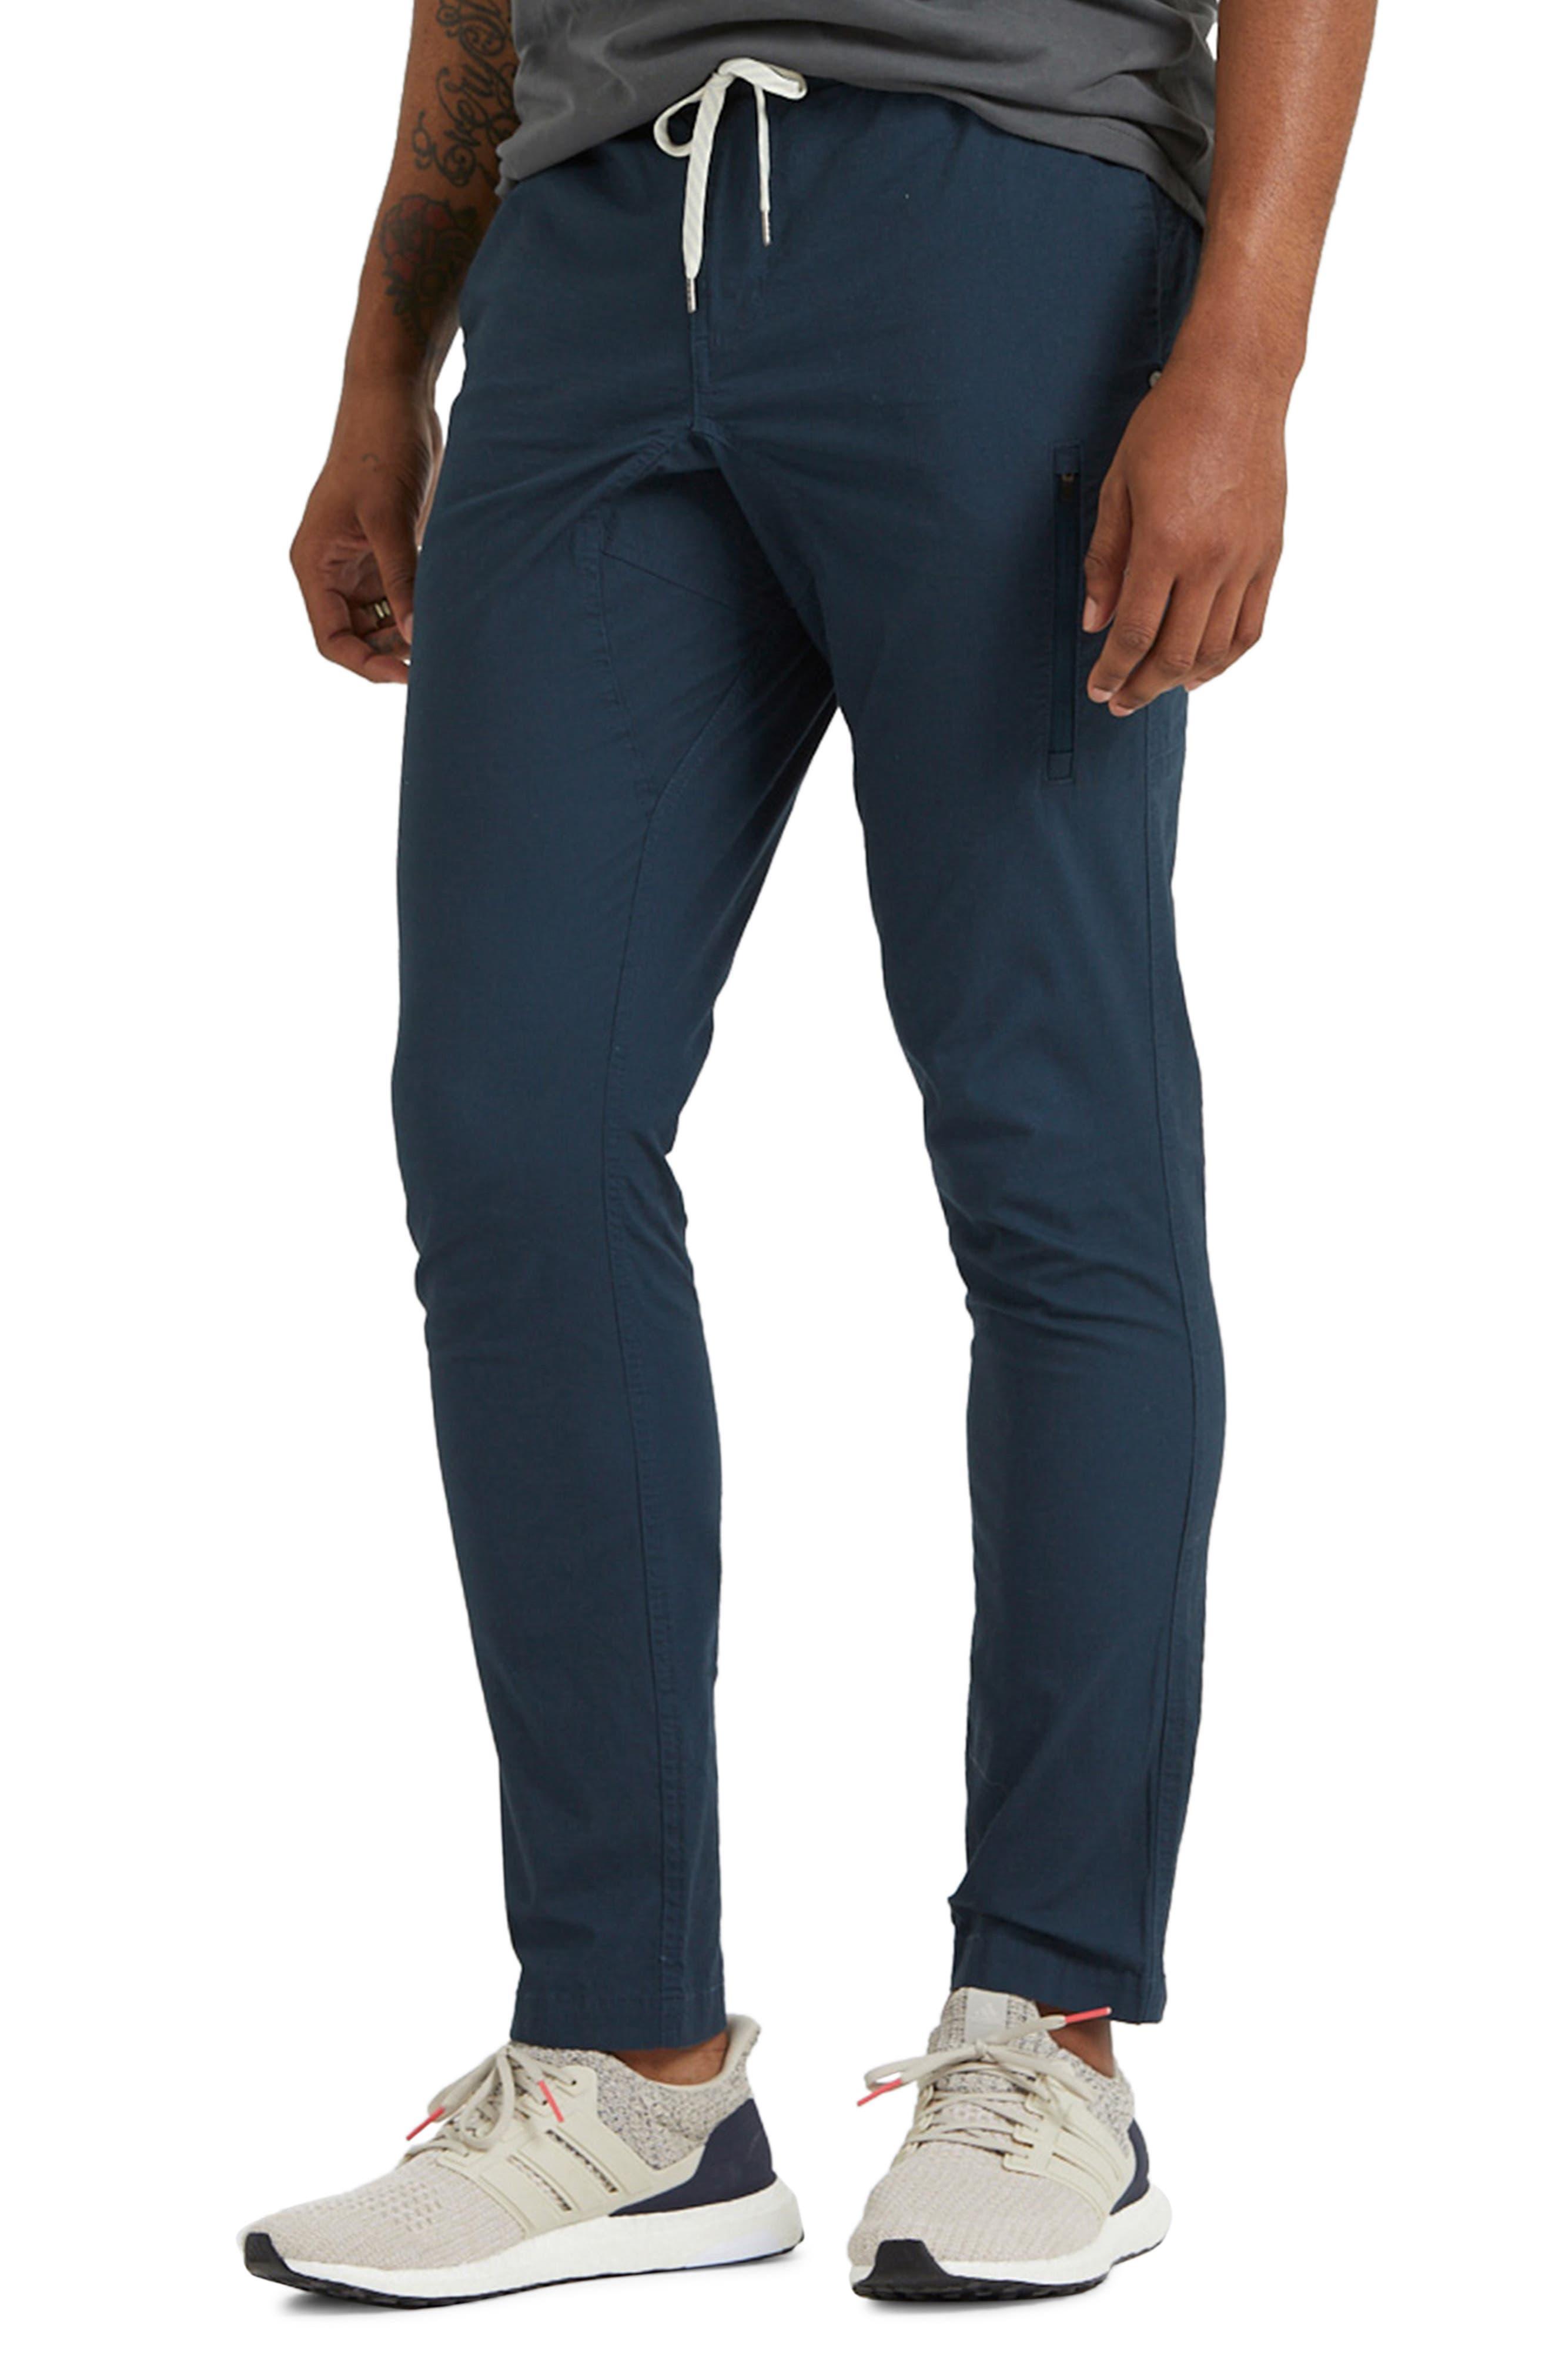 Men's Vuori Ripstop Slim Fit Climber Pants,  Large - Blue